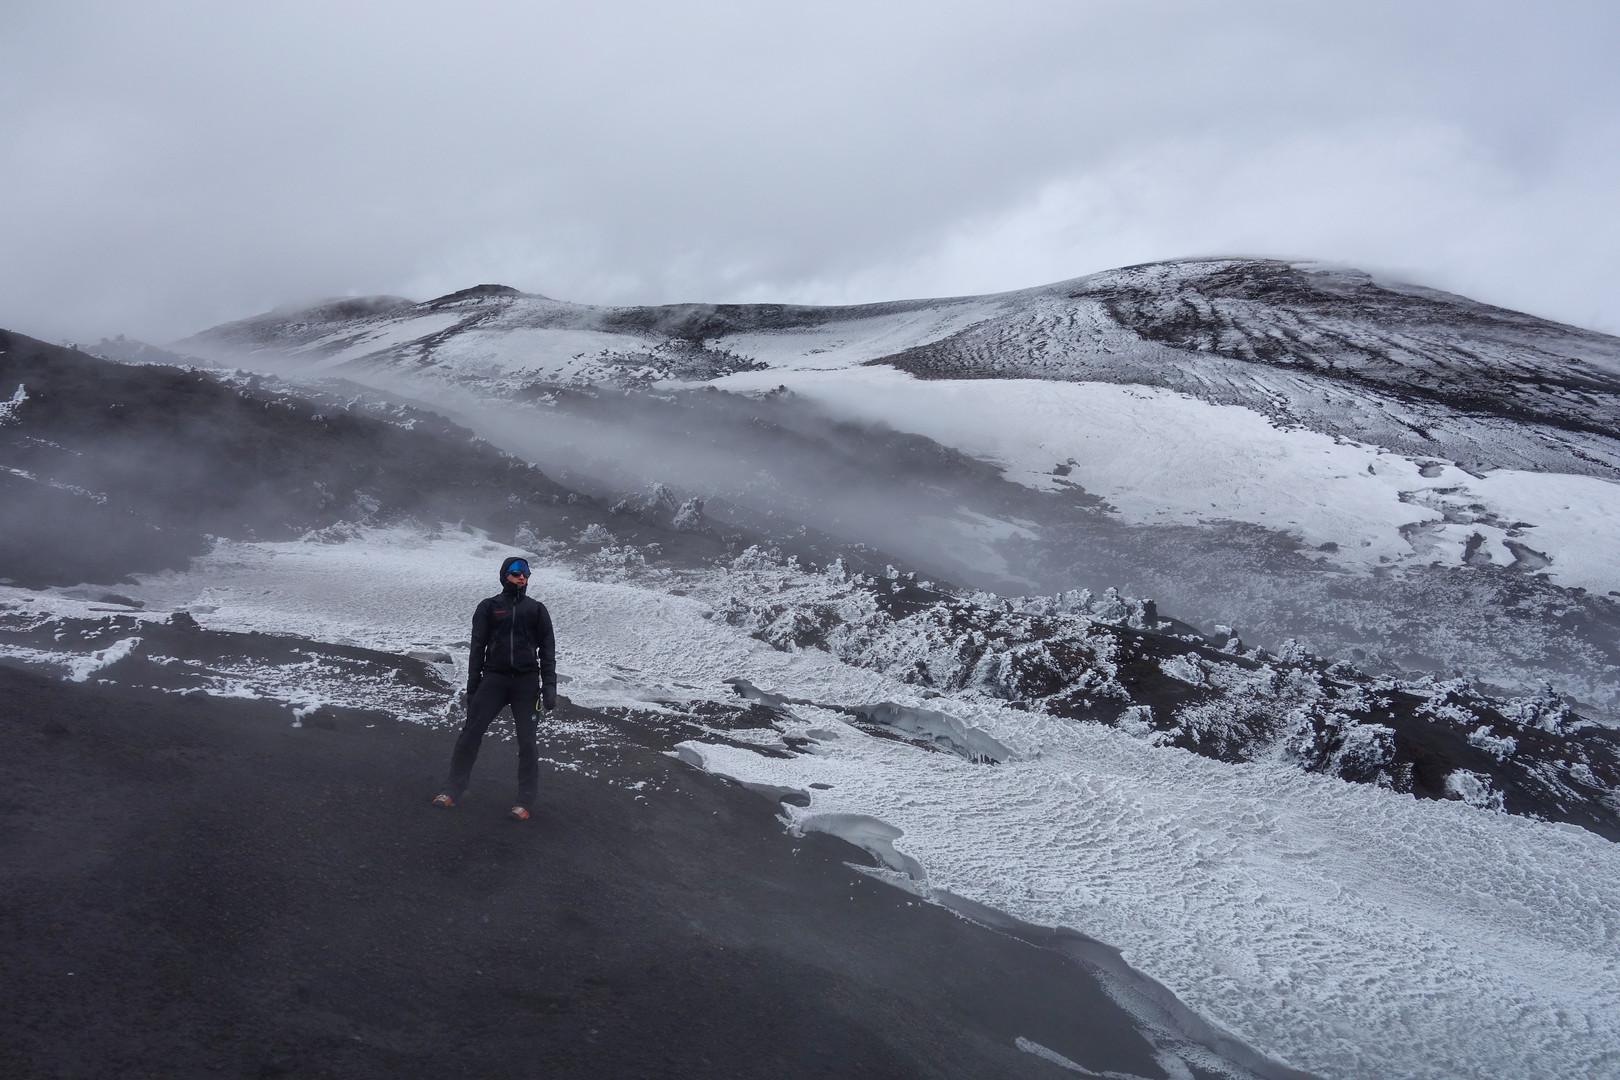 Der Gipfelbereich des Ätna bei meinem ersten Besuch